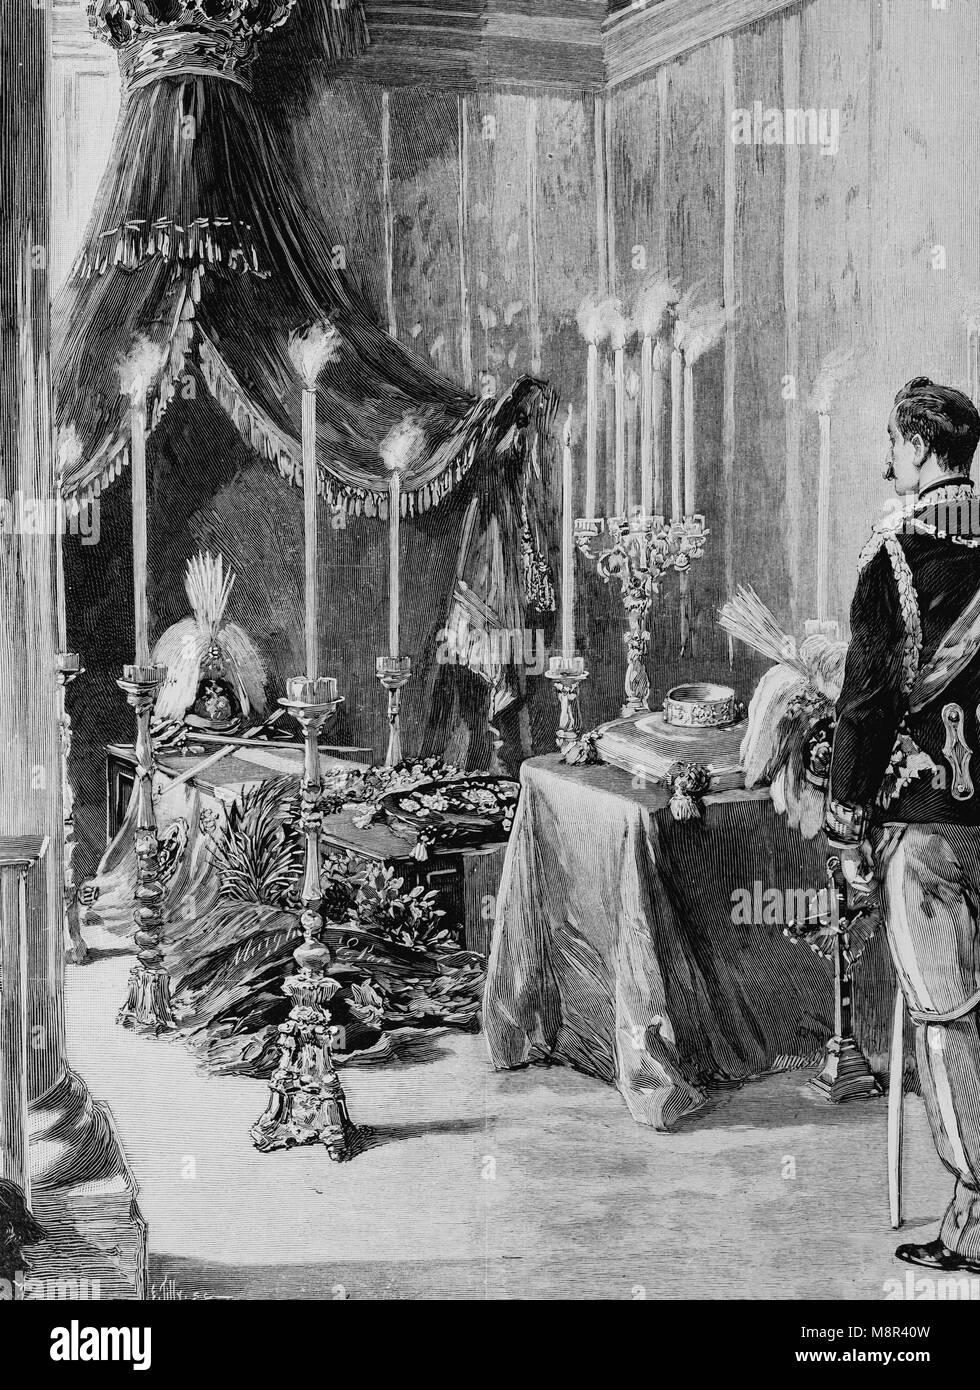 Bara del re Humberto ho custodito dal Duca d'Aosta nel castello di Monza, immagine dal settimanale francese Immagini Stock